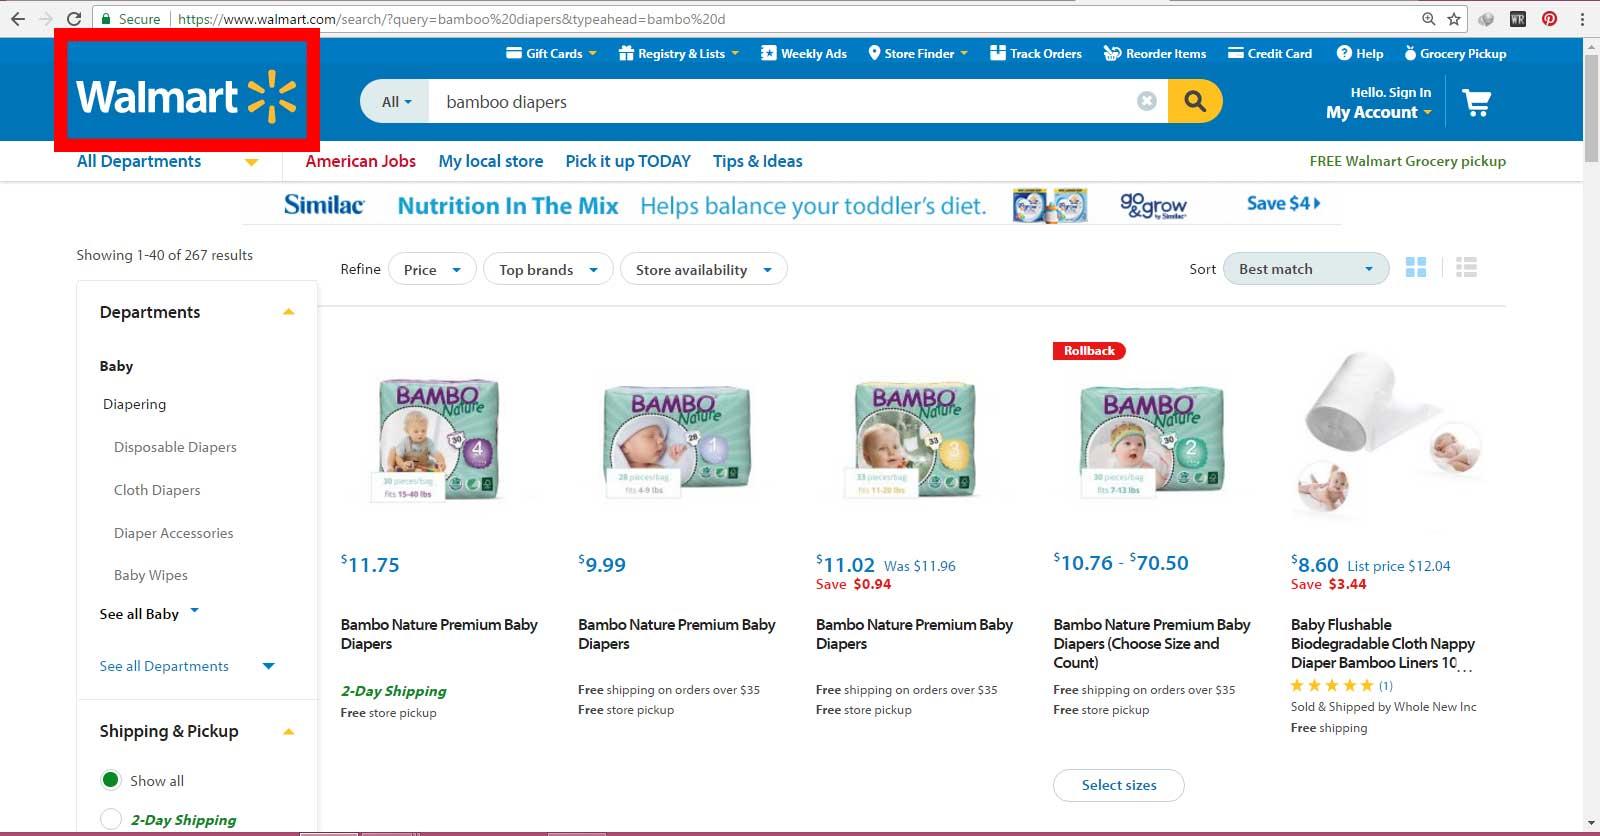 فروش پوشک بچه بامبو ساخت کشور دانمارک در سایت اینترنتی والمارت